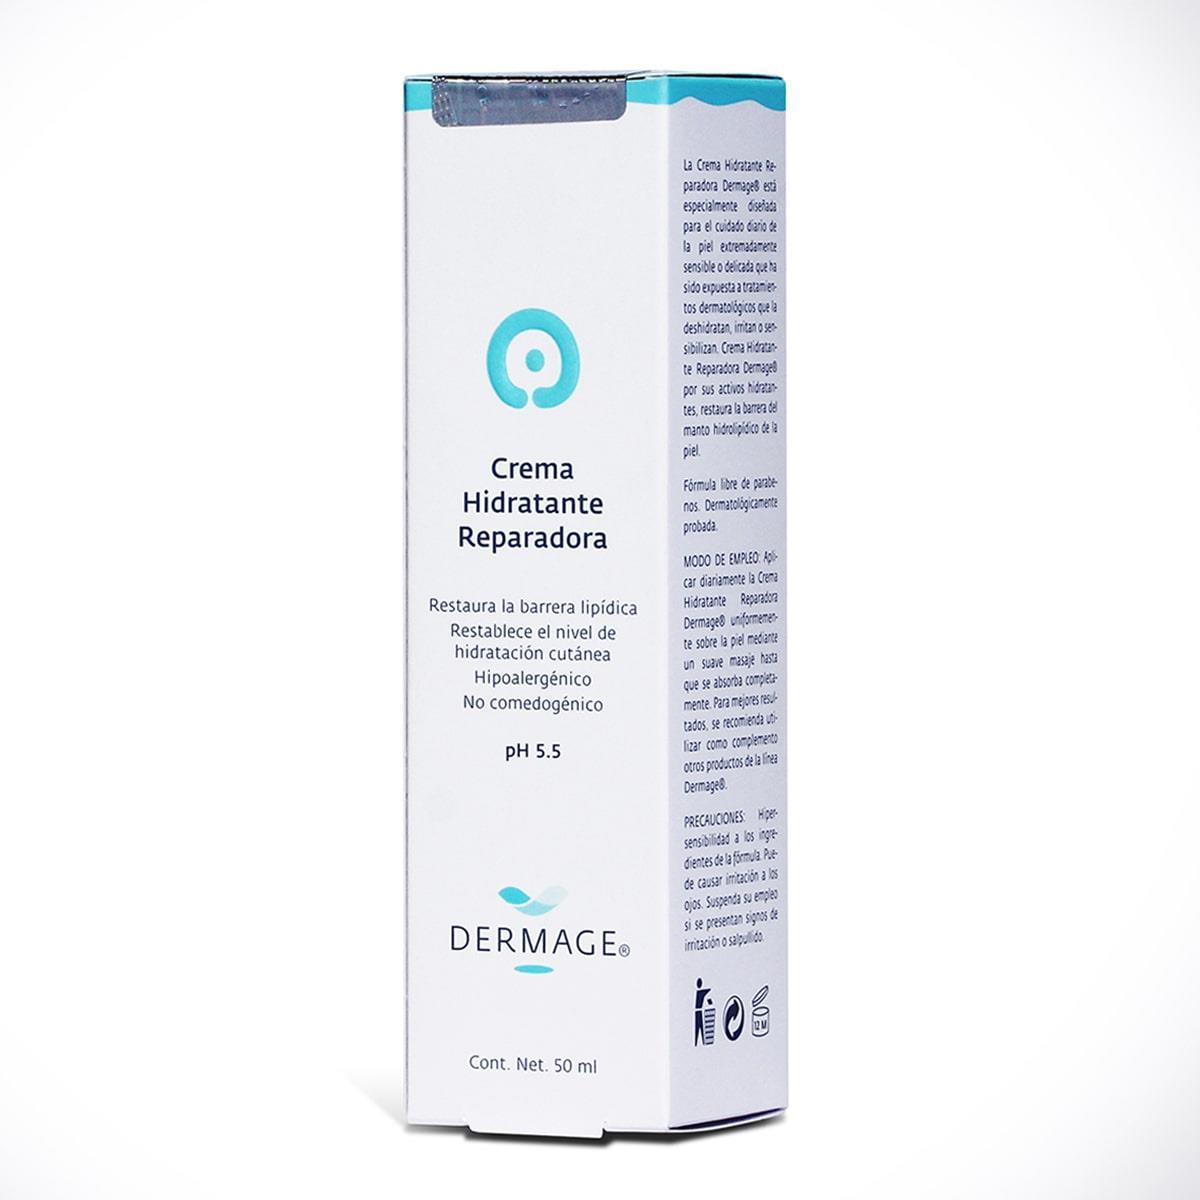 Cuidado facial diario de la piel maltratada, sensible o delicada que ha sido expuesta a tratamientos dermatológicos.<br/><br/>Envase con 50ml